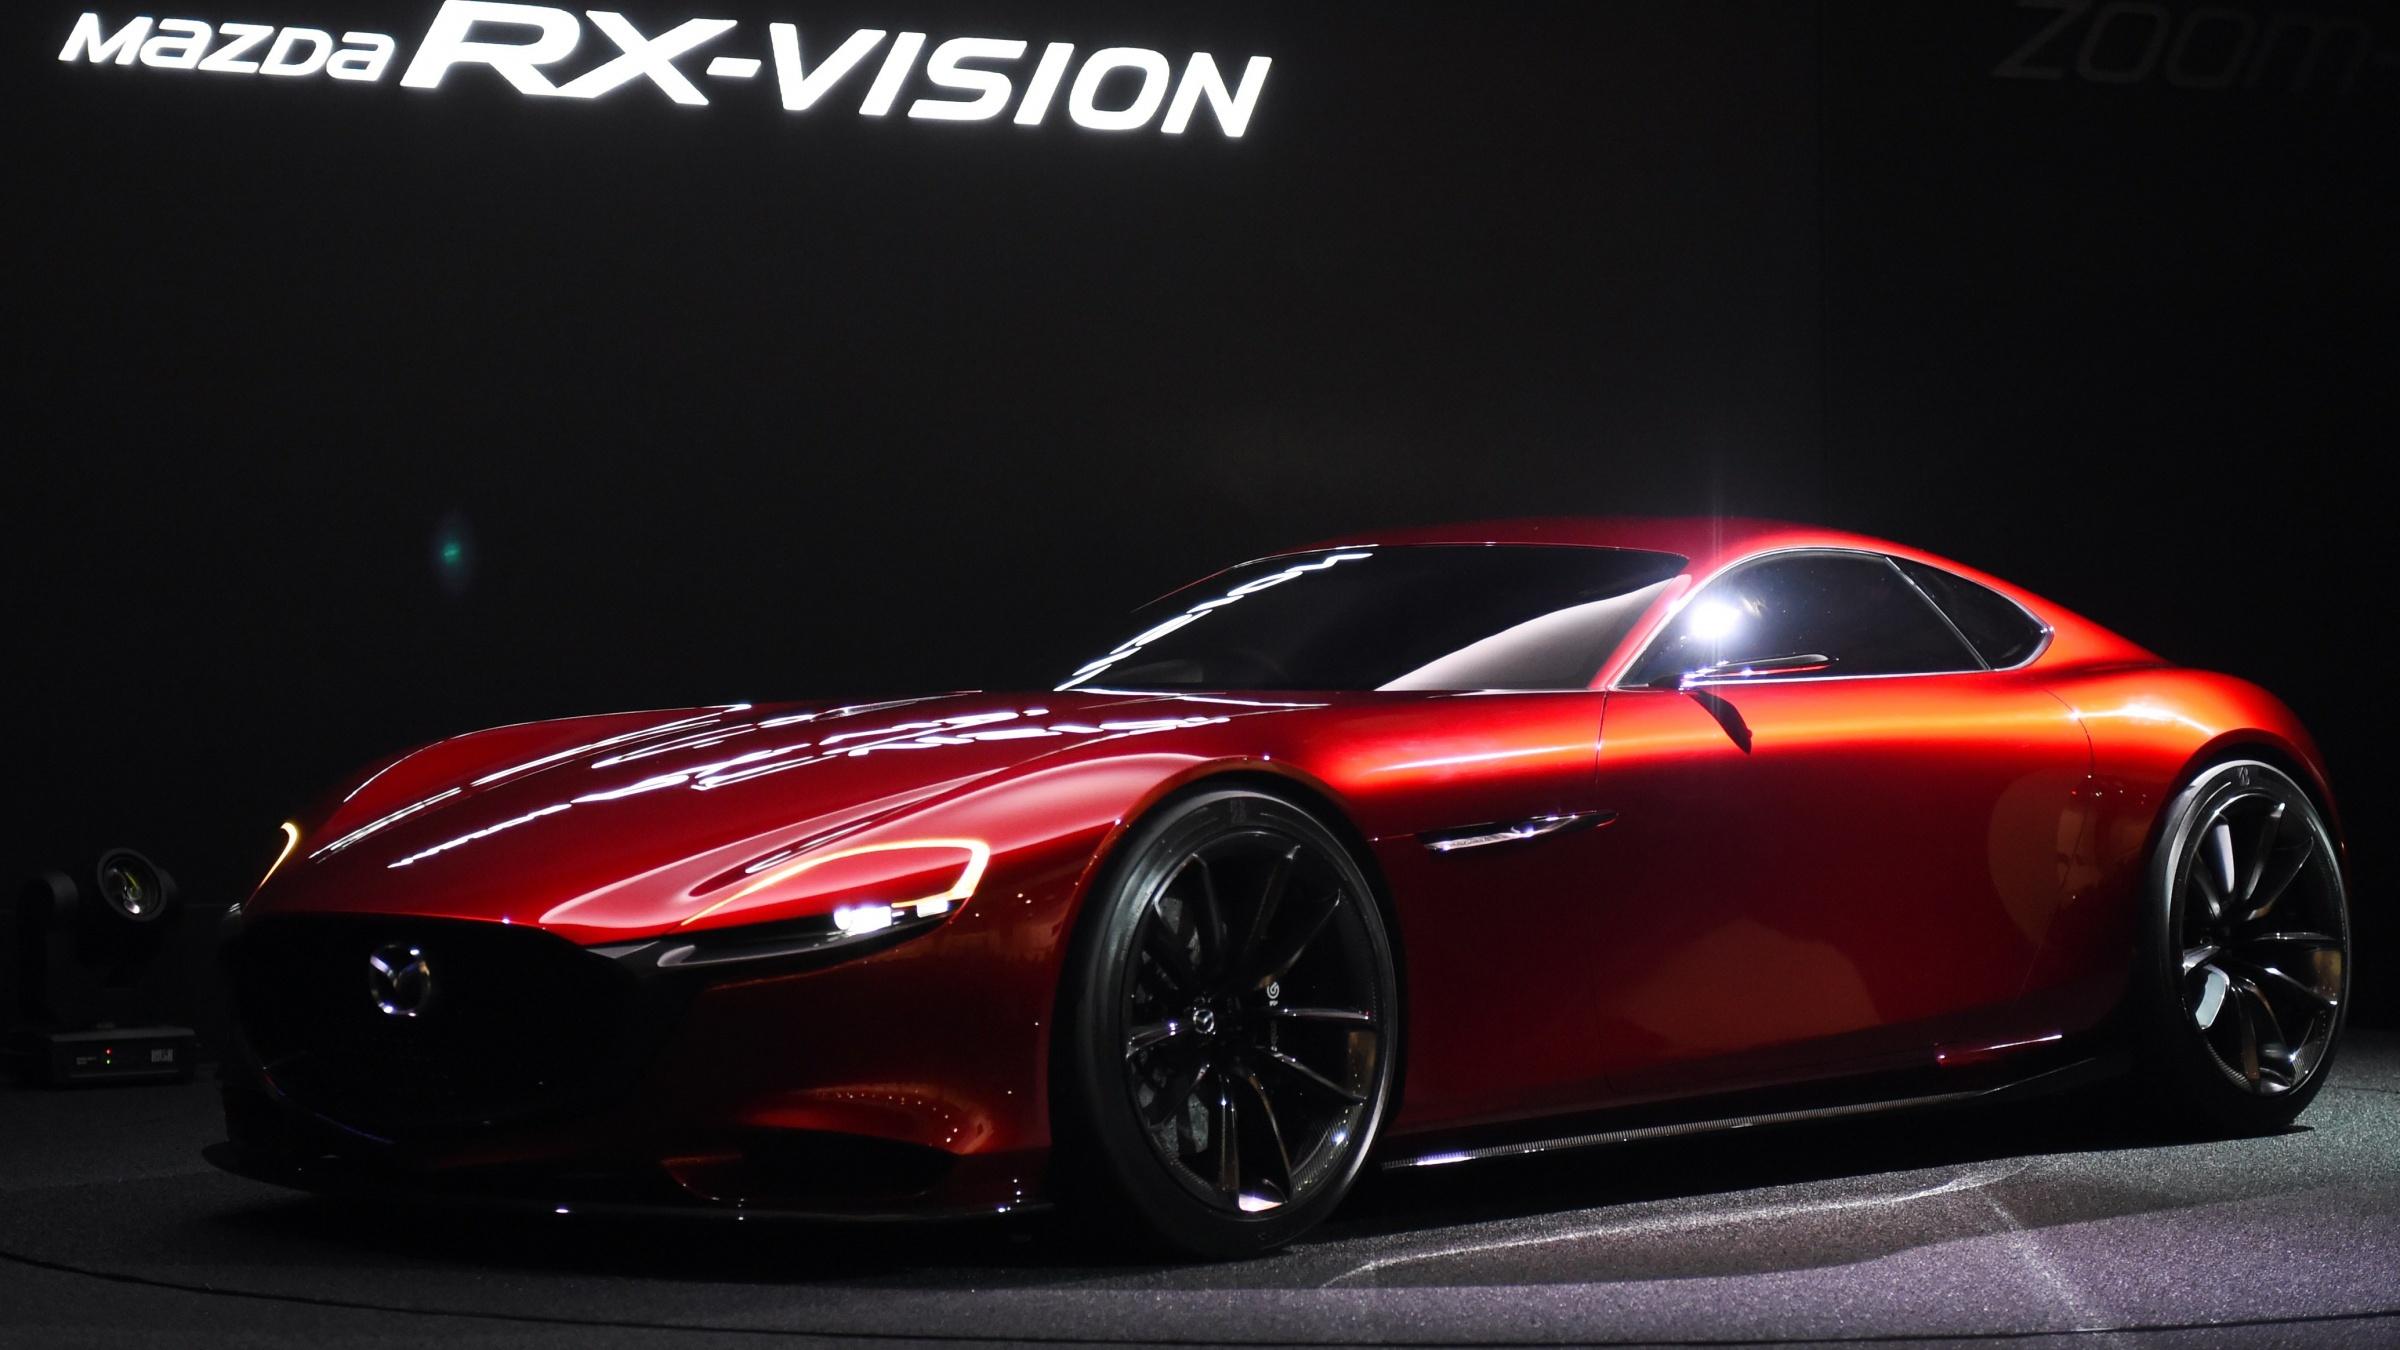 Kas Mazda toob tagasi kuulsa RX-seeria? Nürburgringil katsetakse vankelmootorit